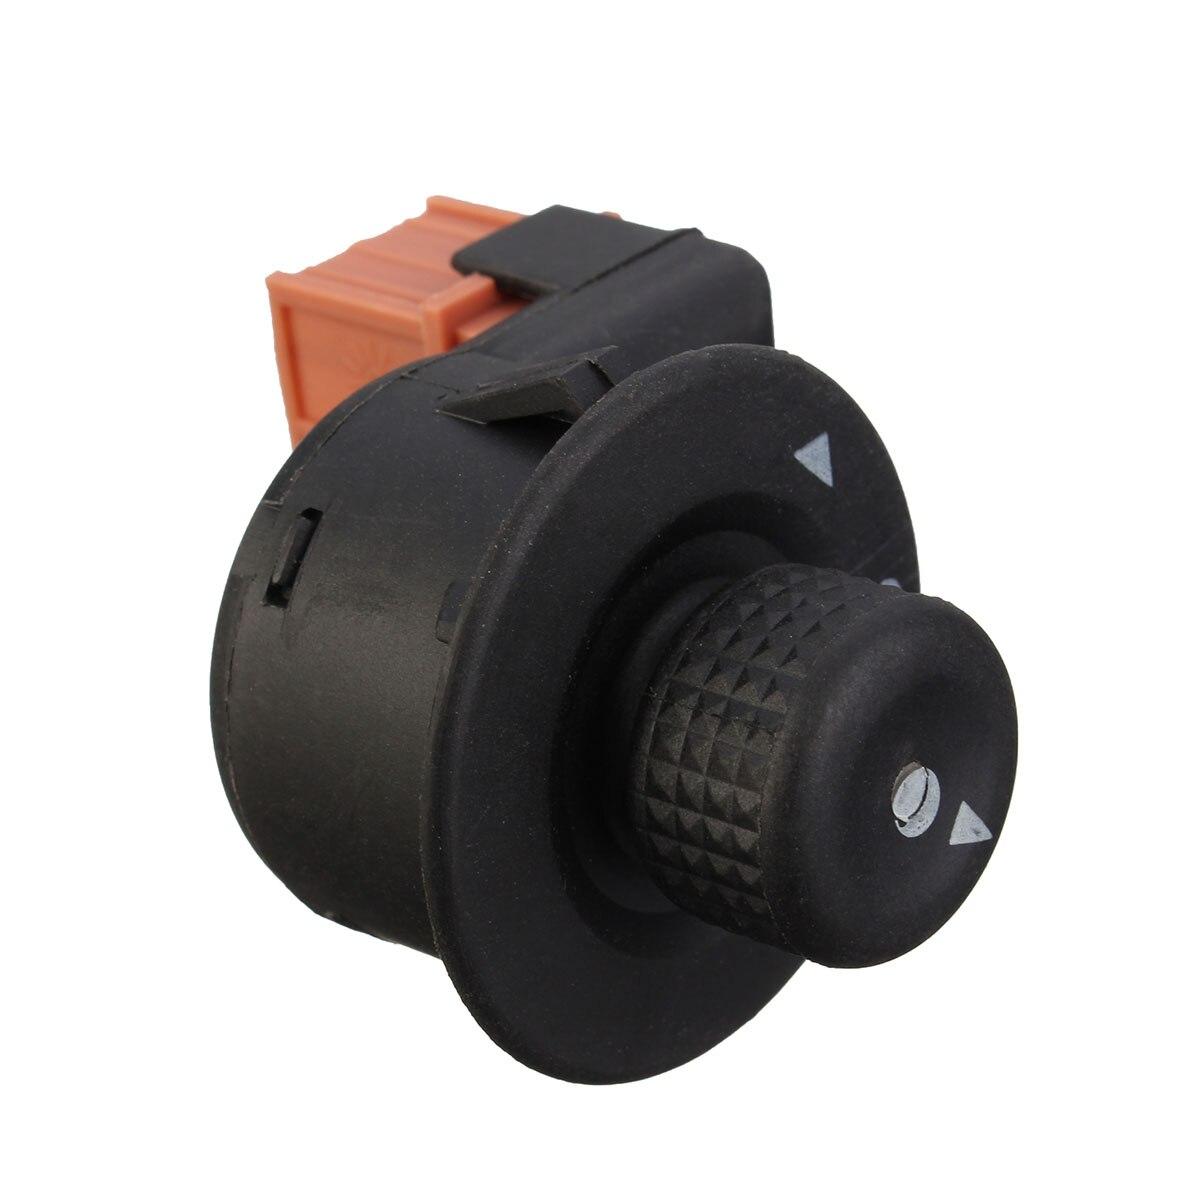 185526 ABS retrovisor espejo interruptor perilla espejo lateral regulación botón interruptores para Citroen/Elysee